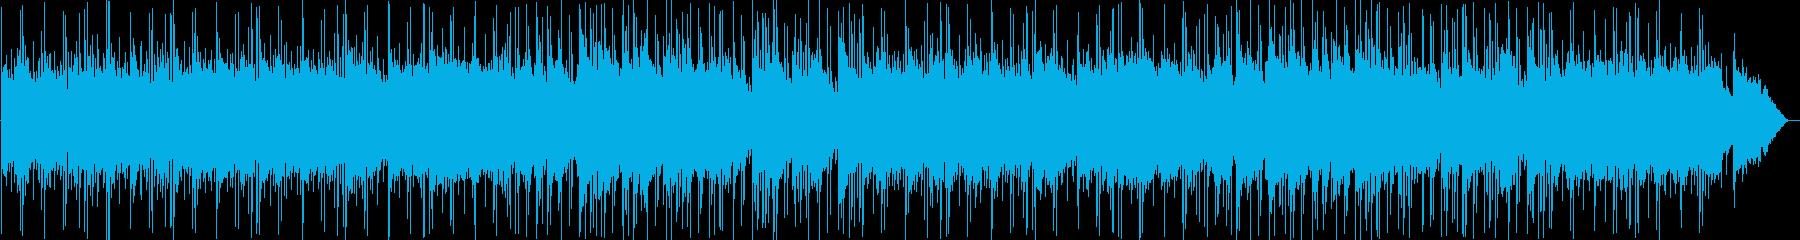 キレイな音色のイージーリスニングの再生済みの波形